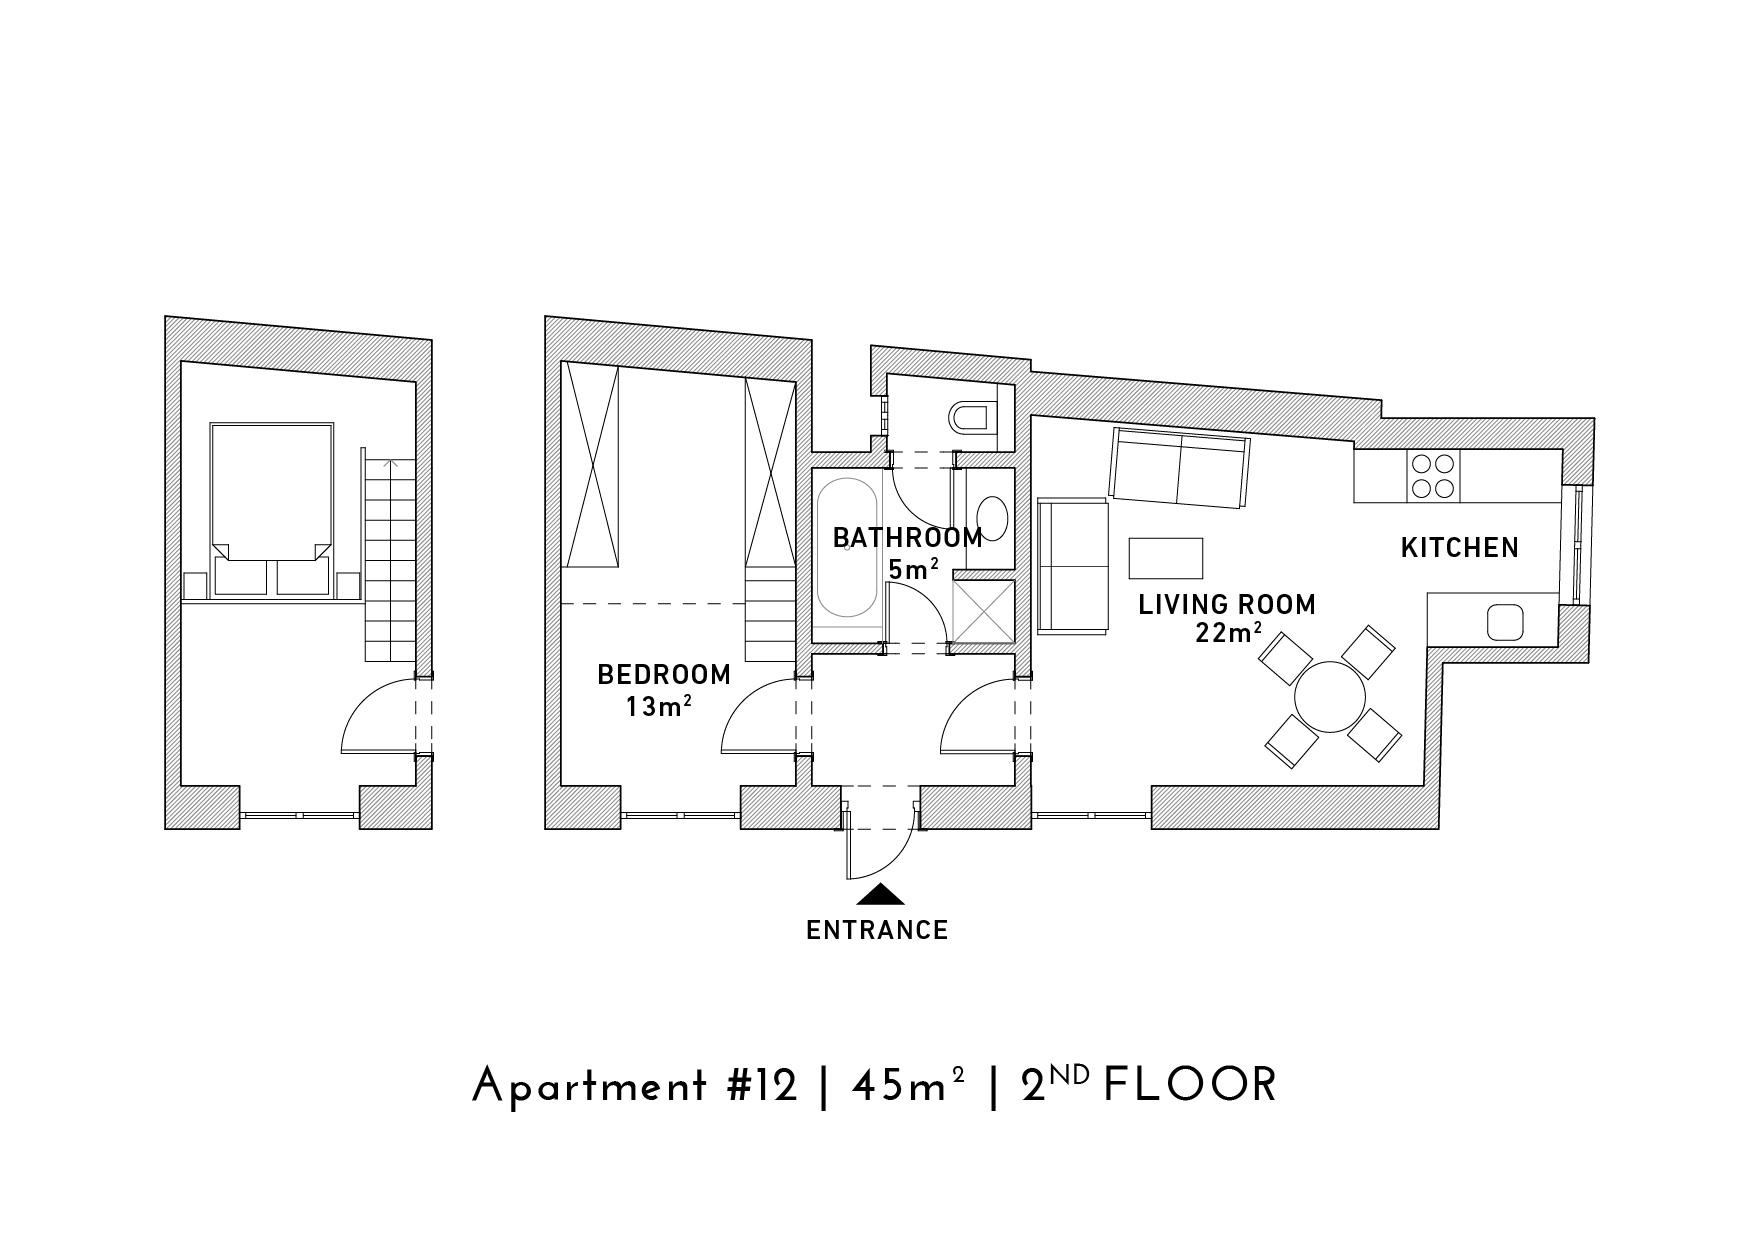 PE16-floorplans-03.jpg